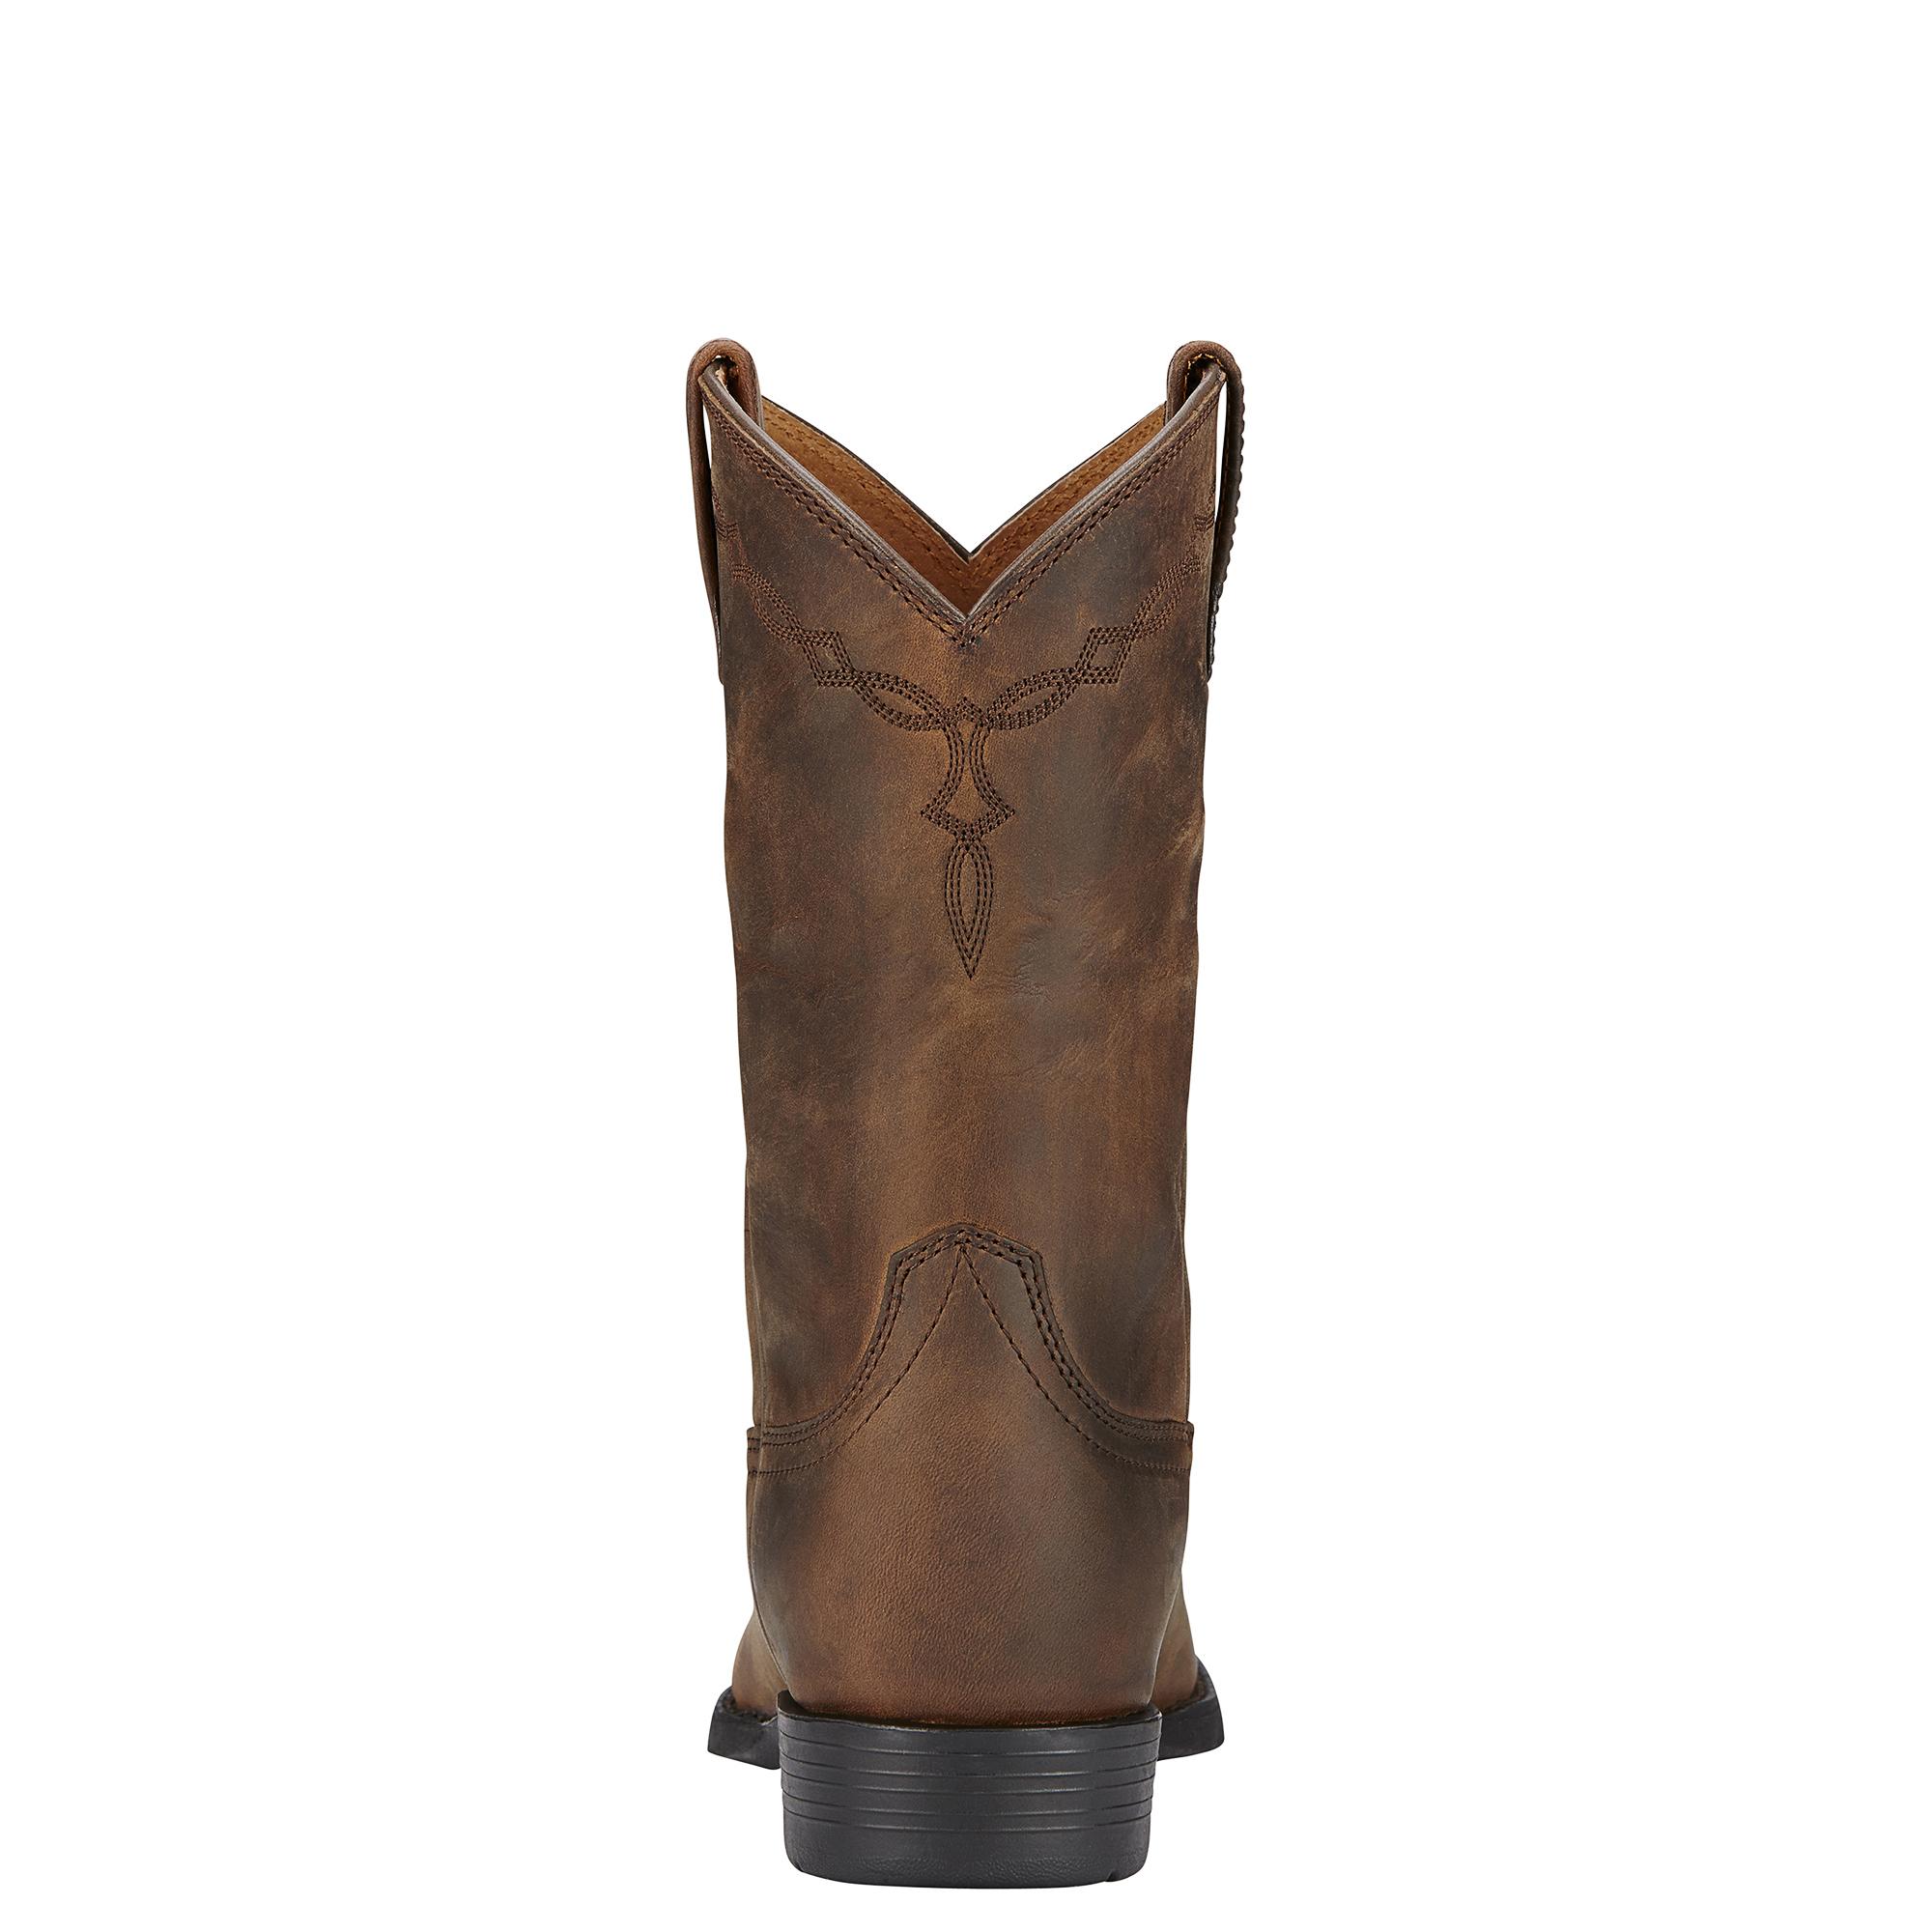 Ariat Braun Heritage Roper Damenschuhe Western Stiefel - Distressed Braun Ariat 1cbab6